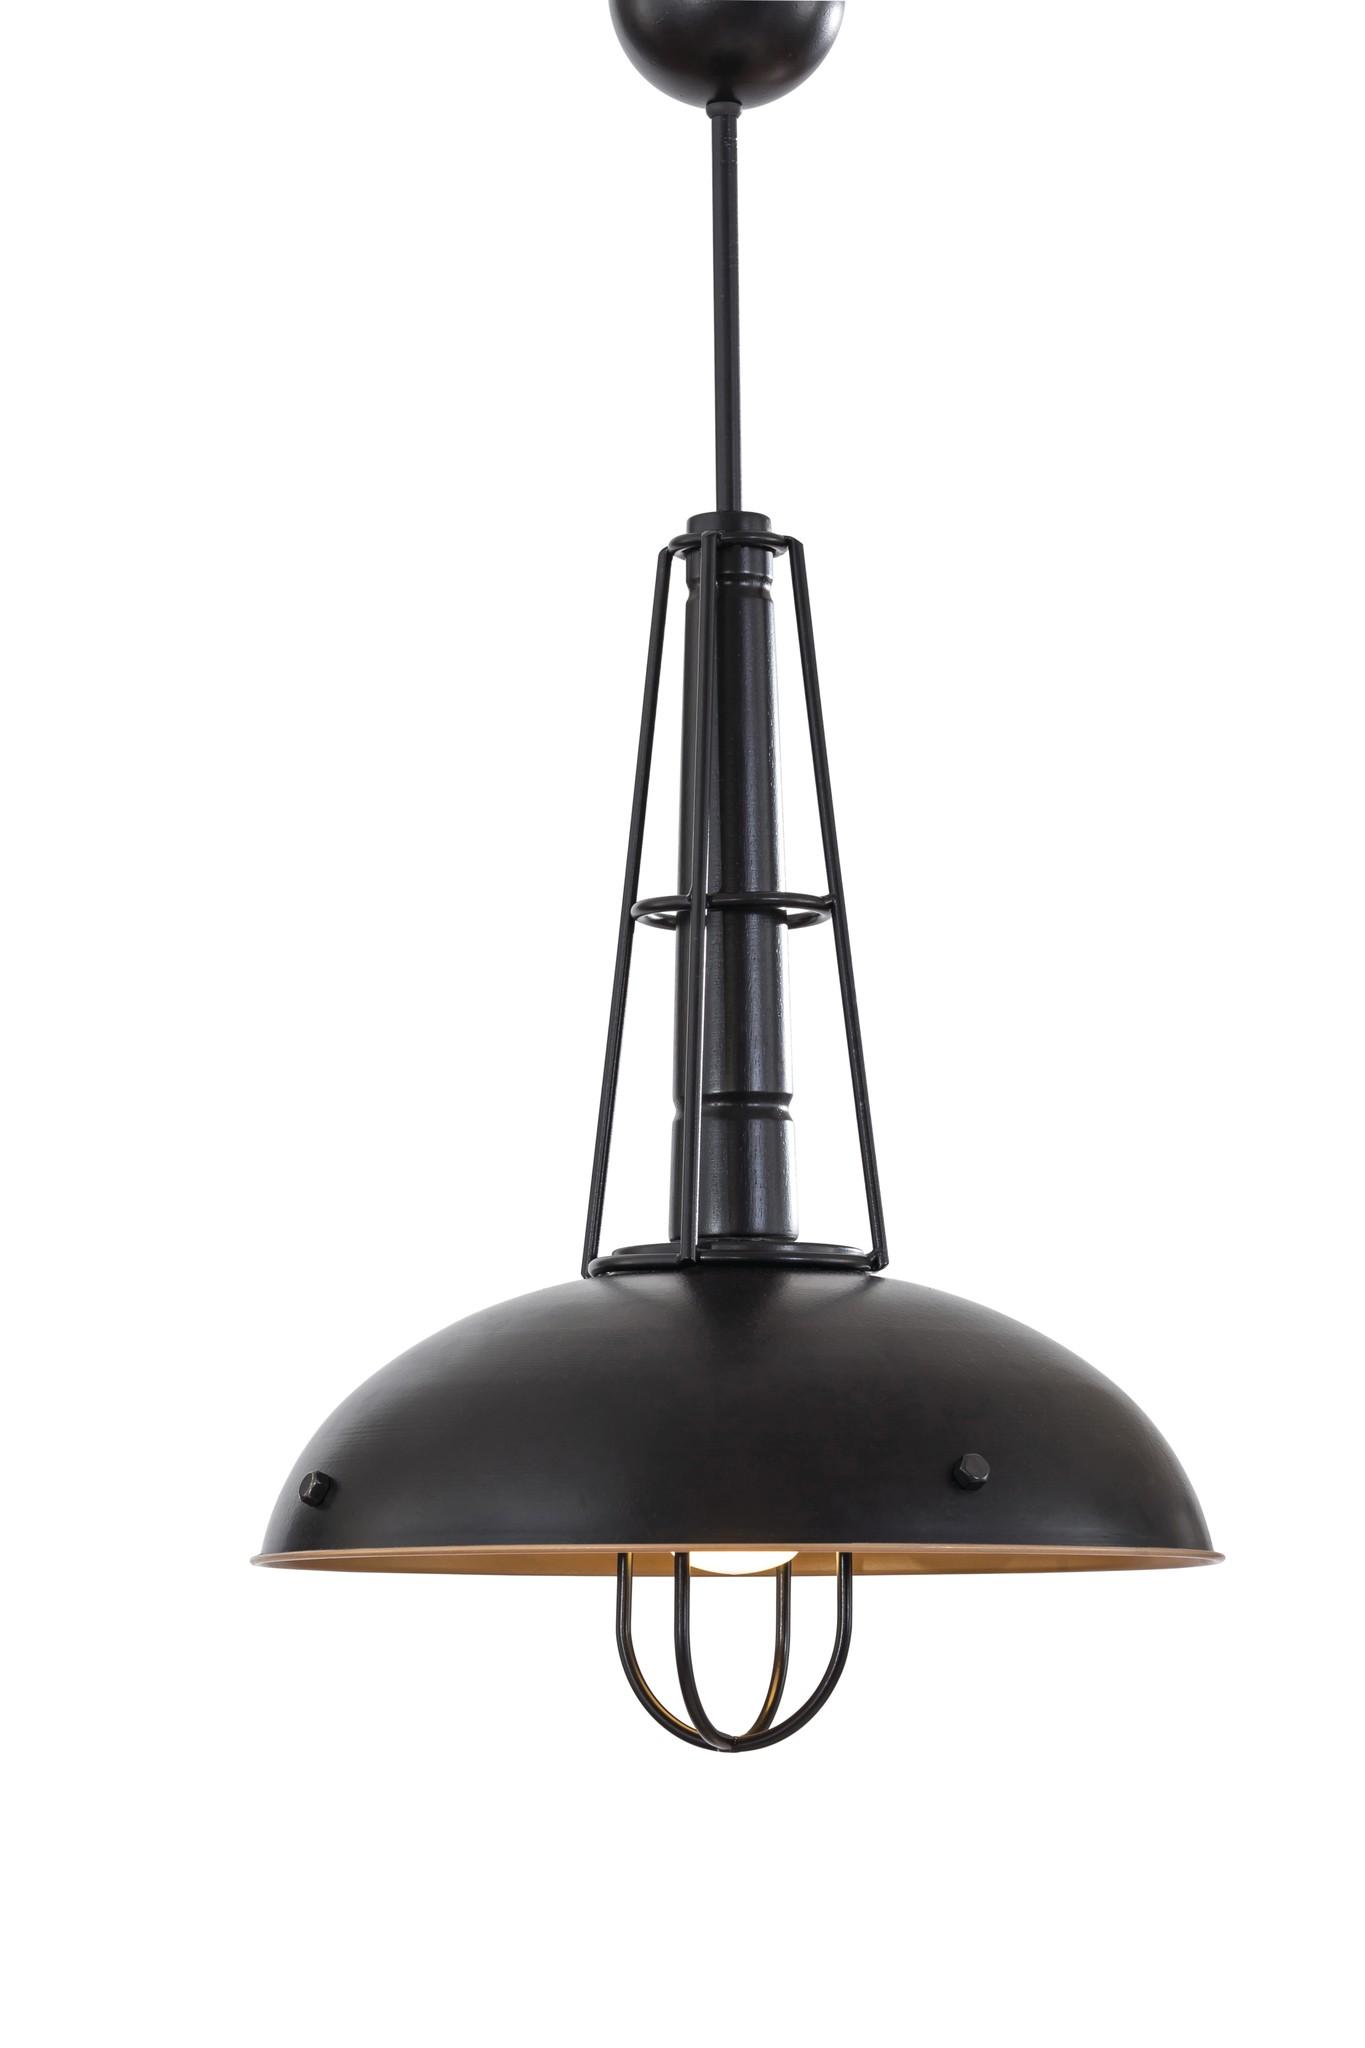 Hanglamp Voor Jongenskamer.New York Industriele Hanglamp Tienerkamer Specialist In